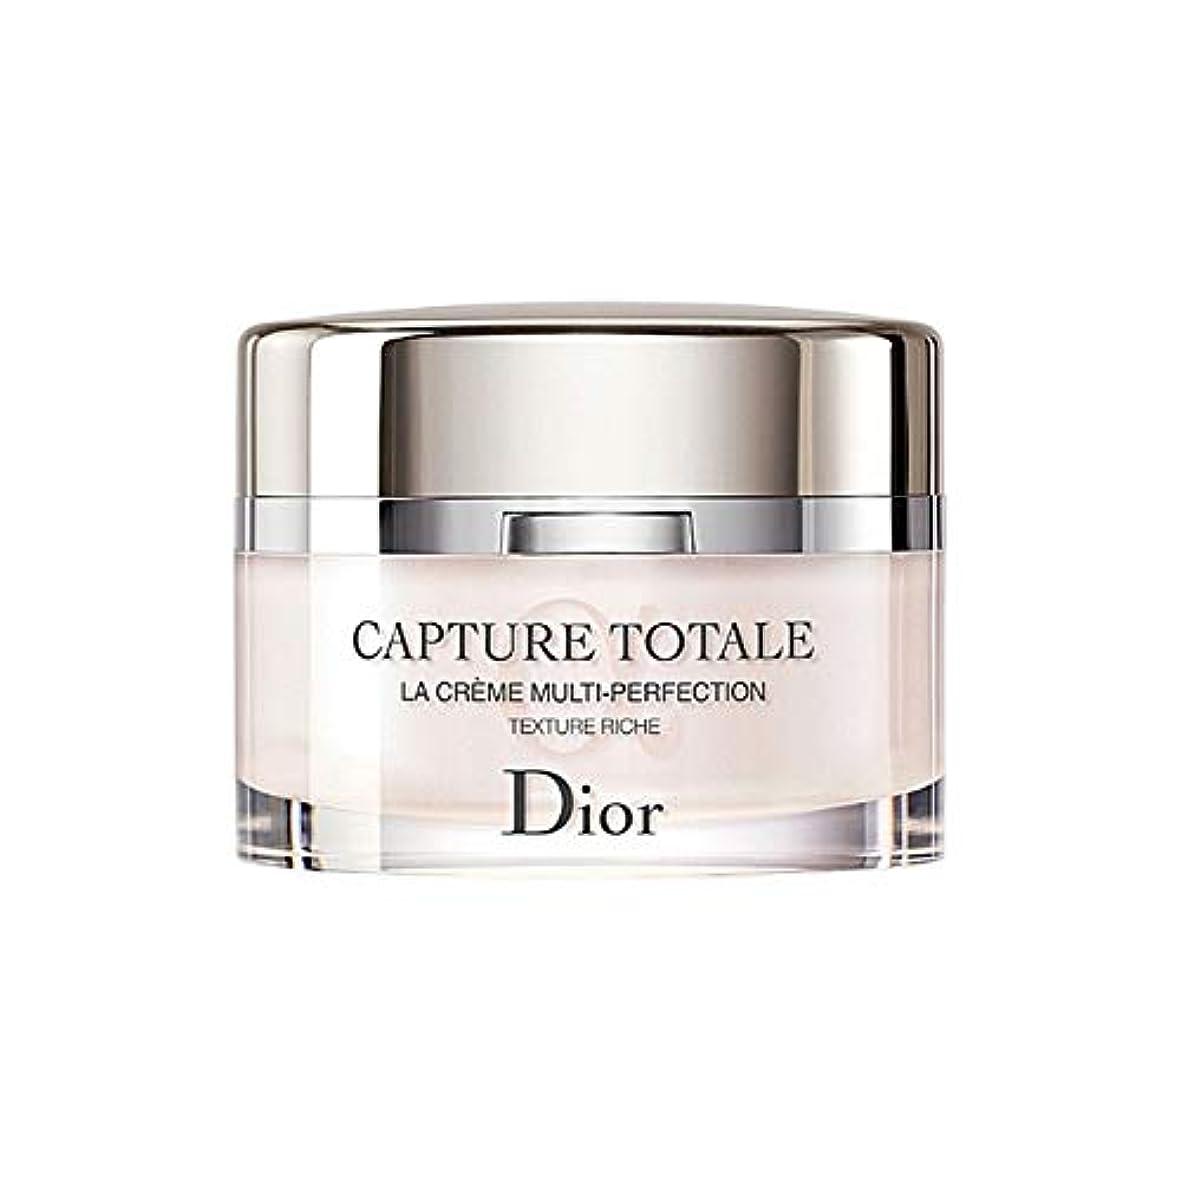 考慮ワンダー殺人[Dior] ディオールマルチパーフェクションクリーム豊富なテクスチャー60ミリリットル - Dior Multi-Perfection Creme Rich Texture 60ml [並行輸入品]